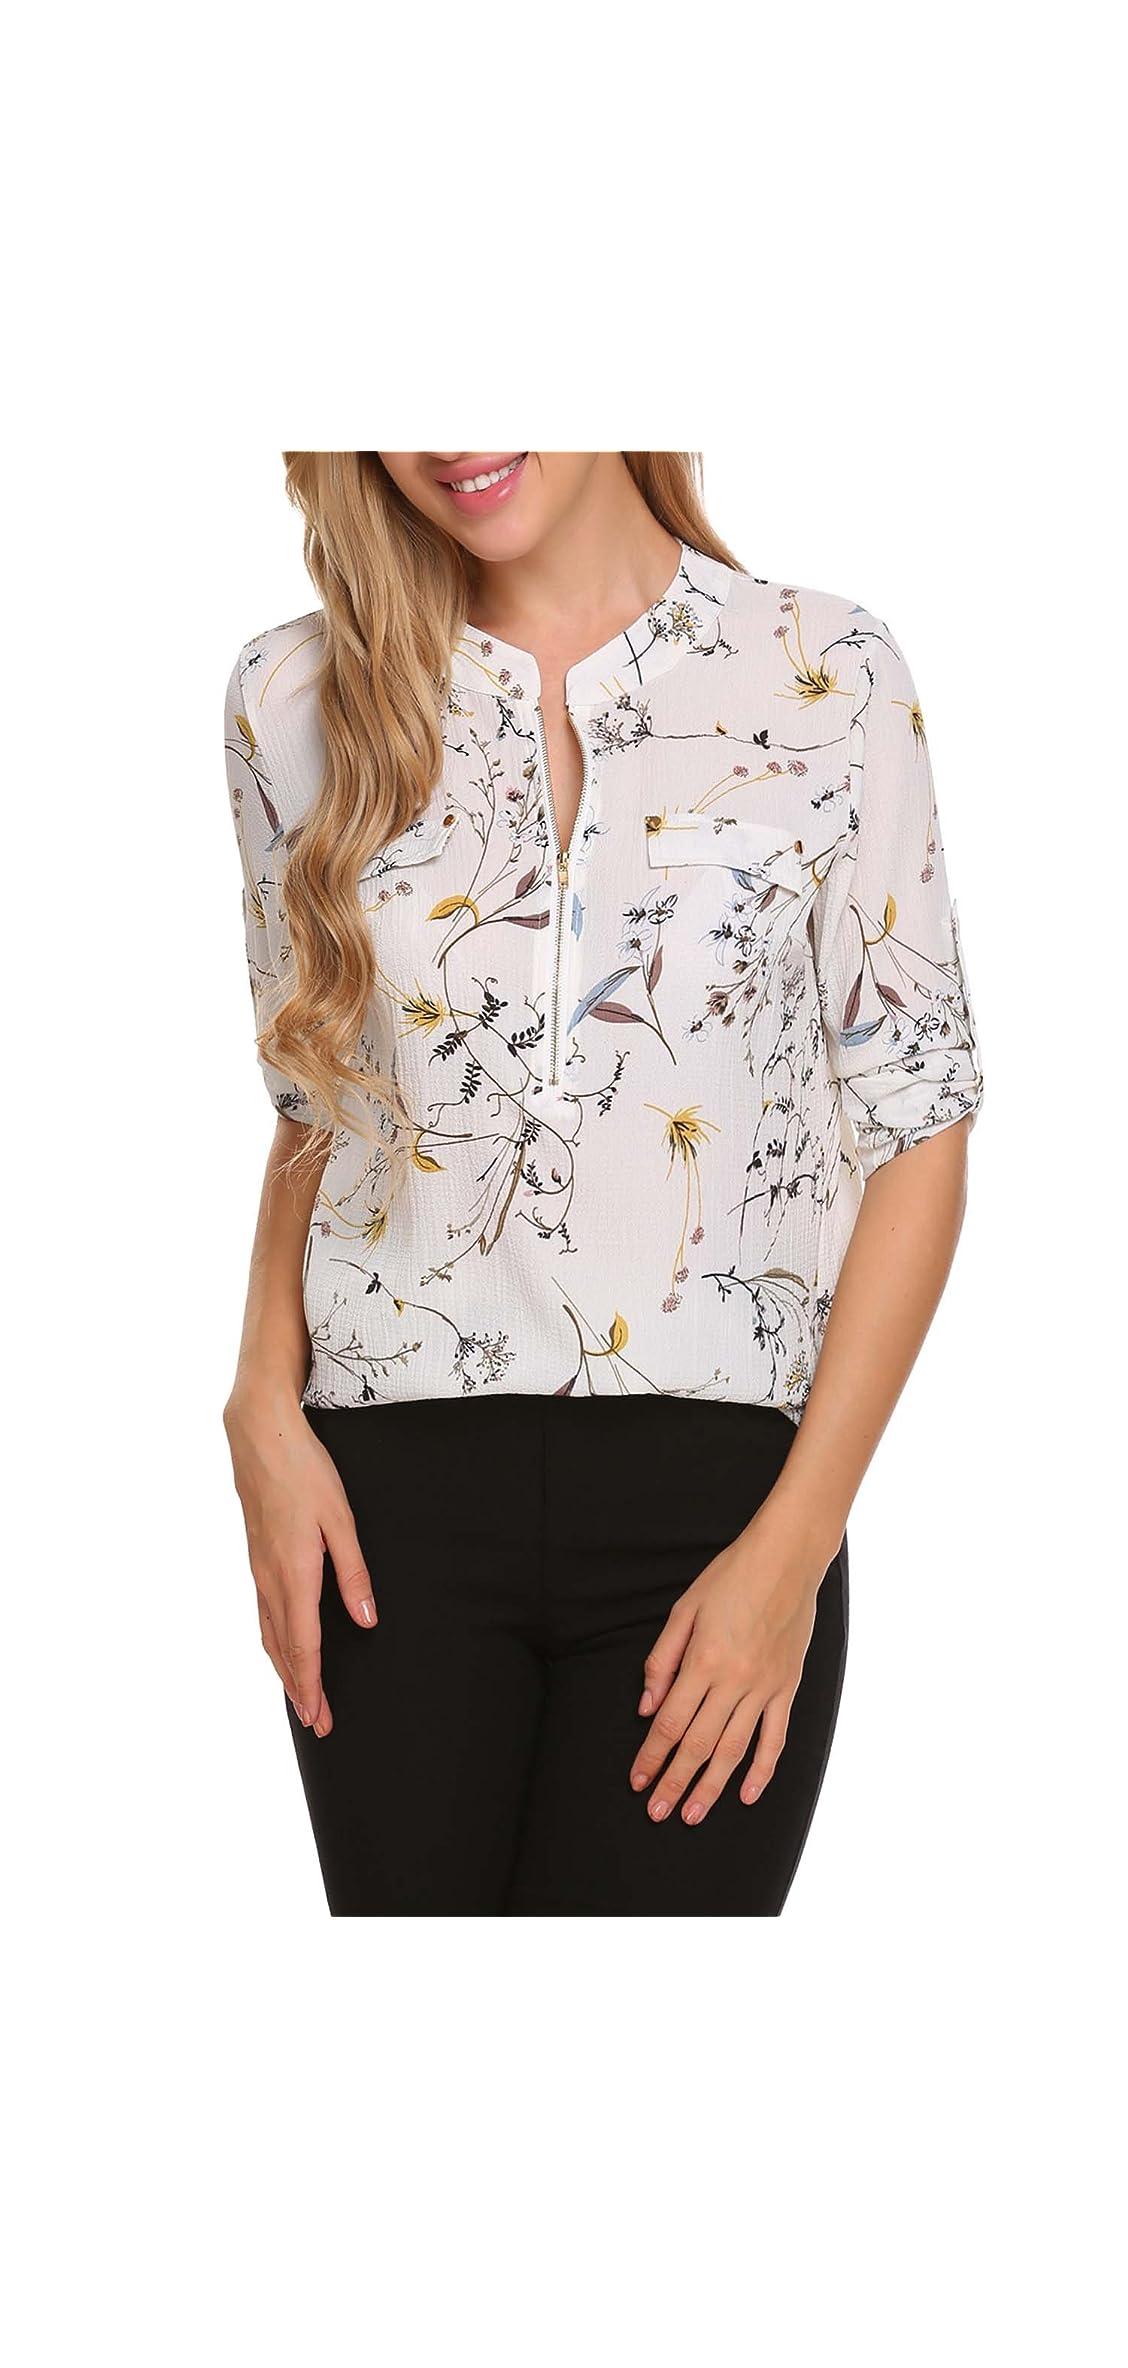 Women Long Sleeve Chiffon Blouse V Neck Office Work For